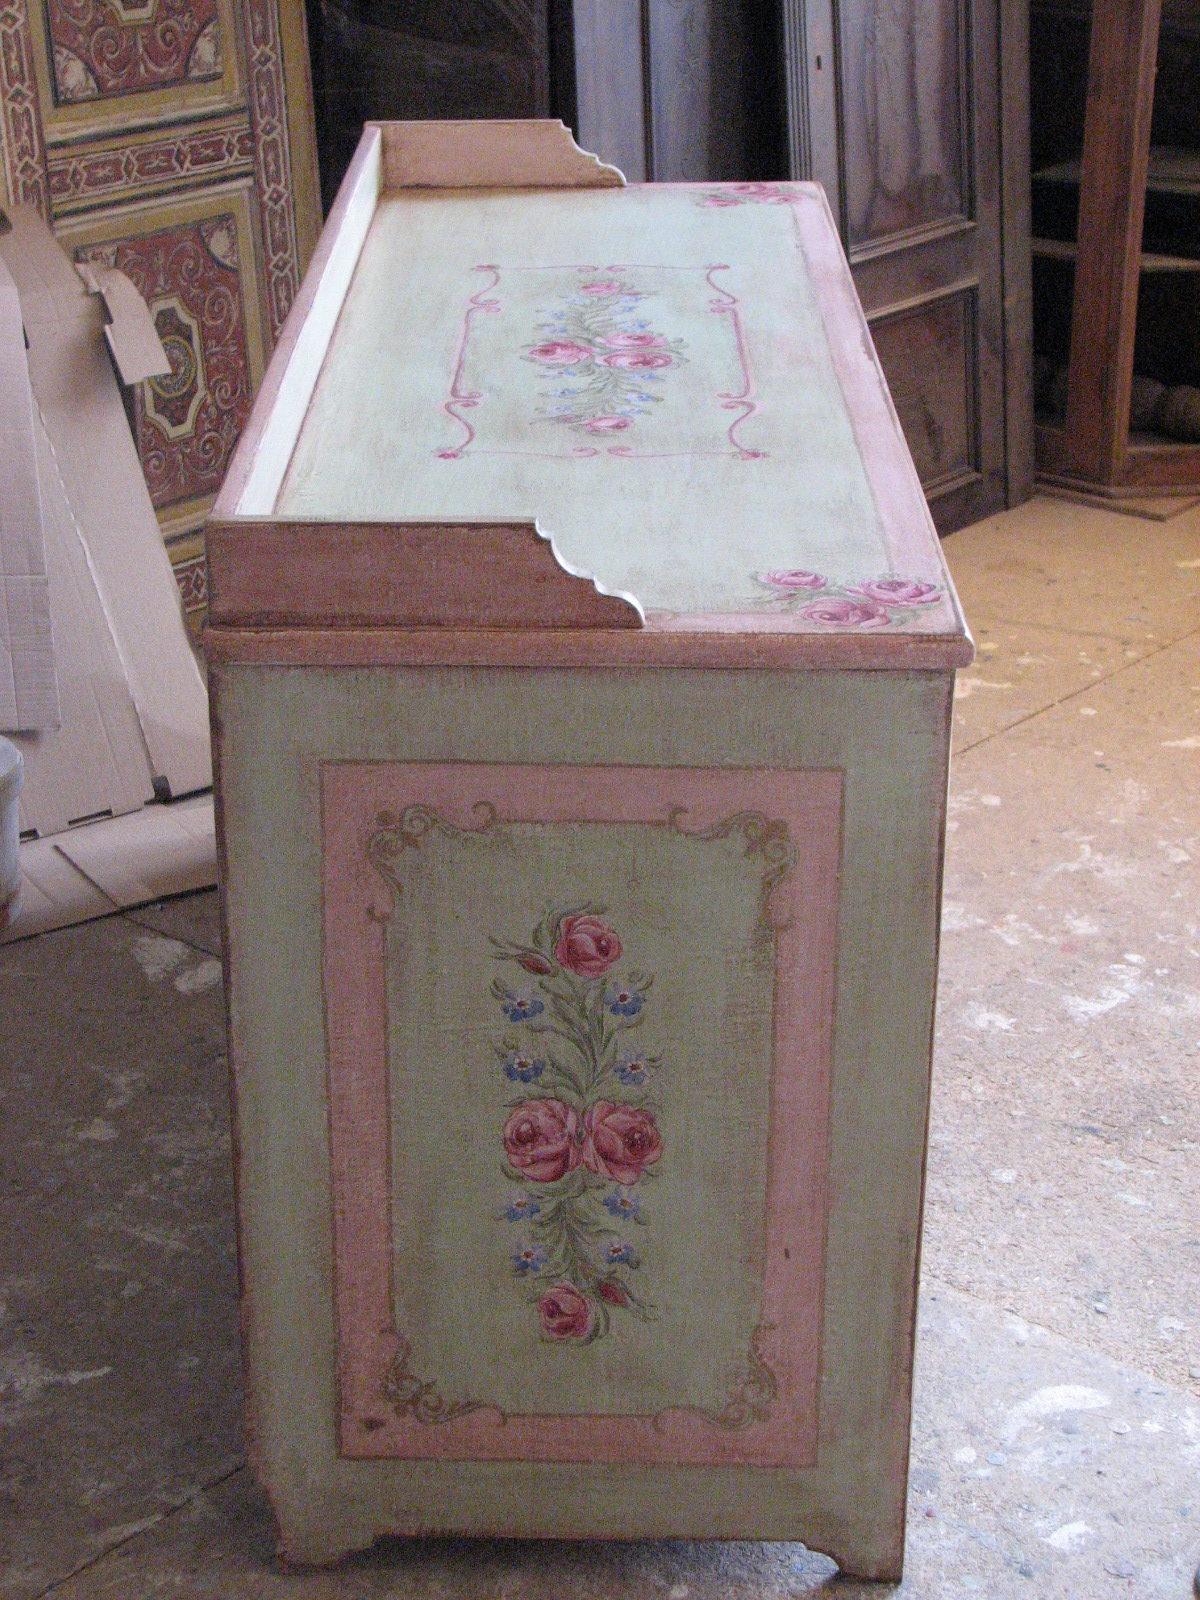 Malovaná komoda světle zelené a růžové barvy s motivy růží a pomněnek levý bok